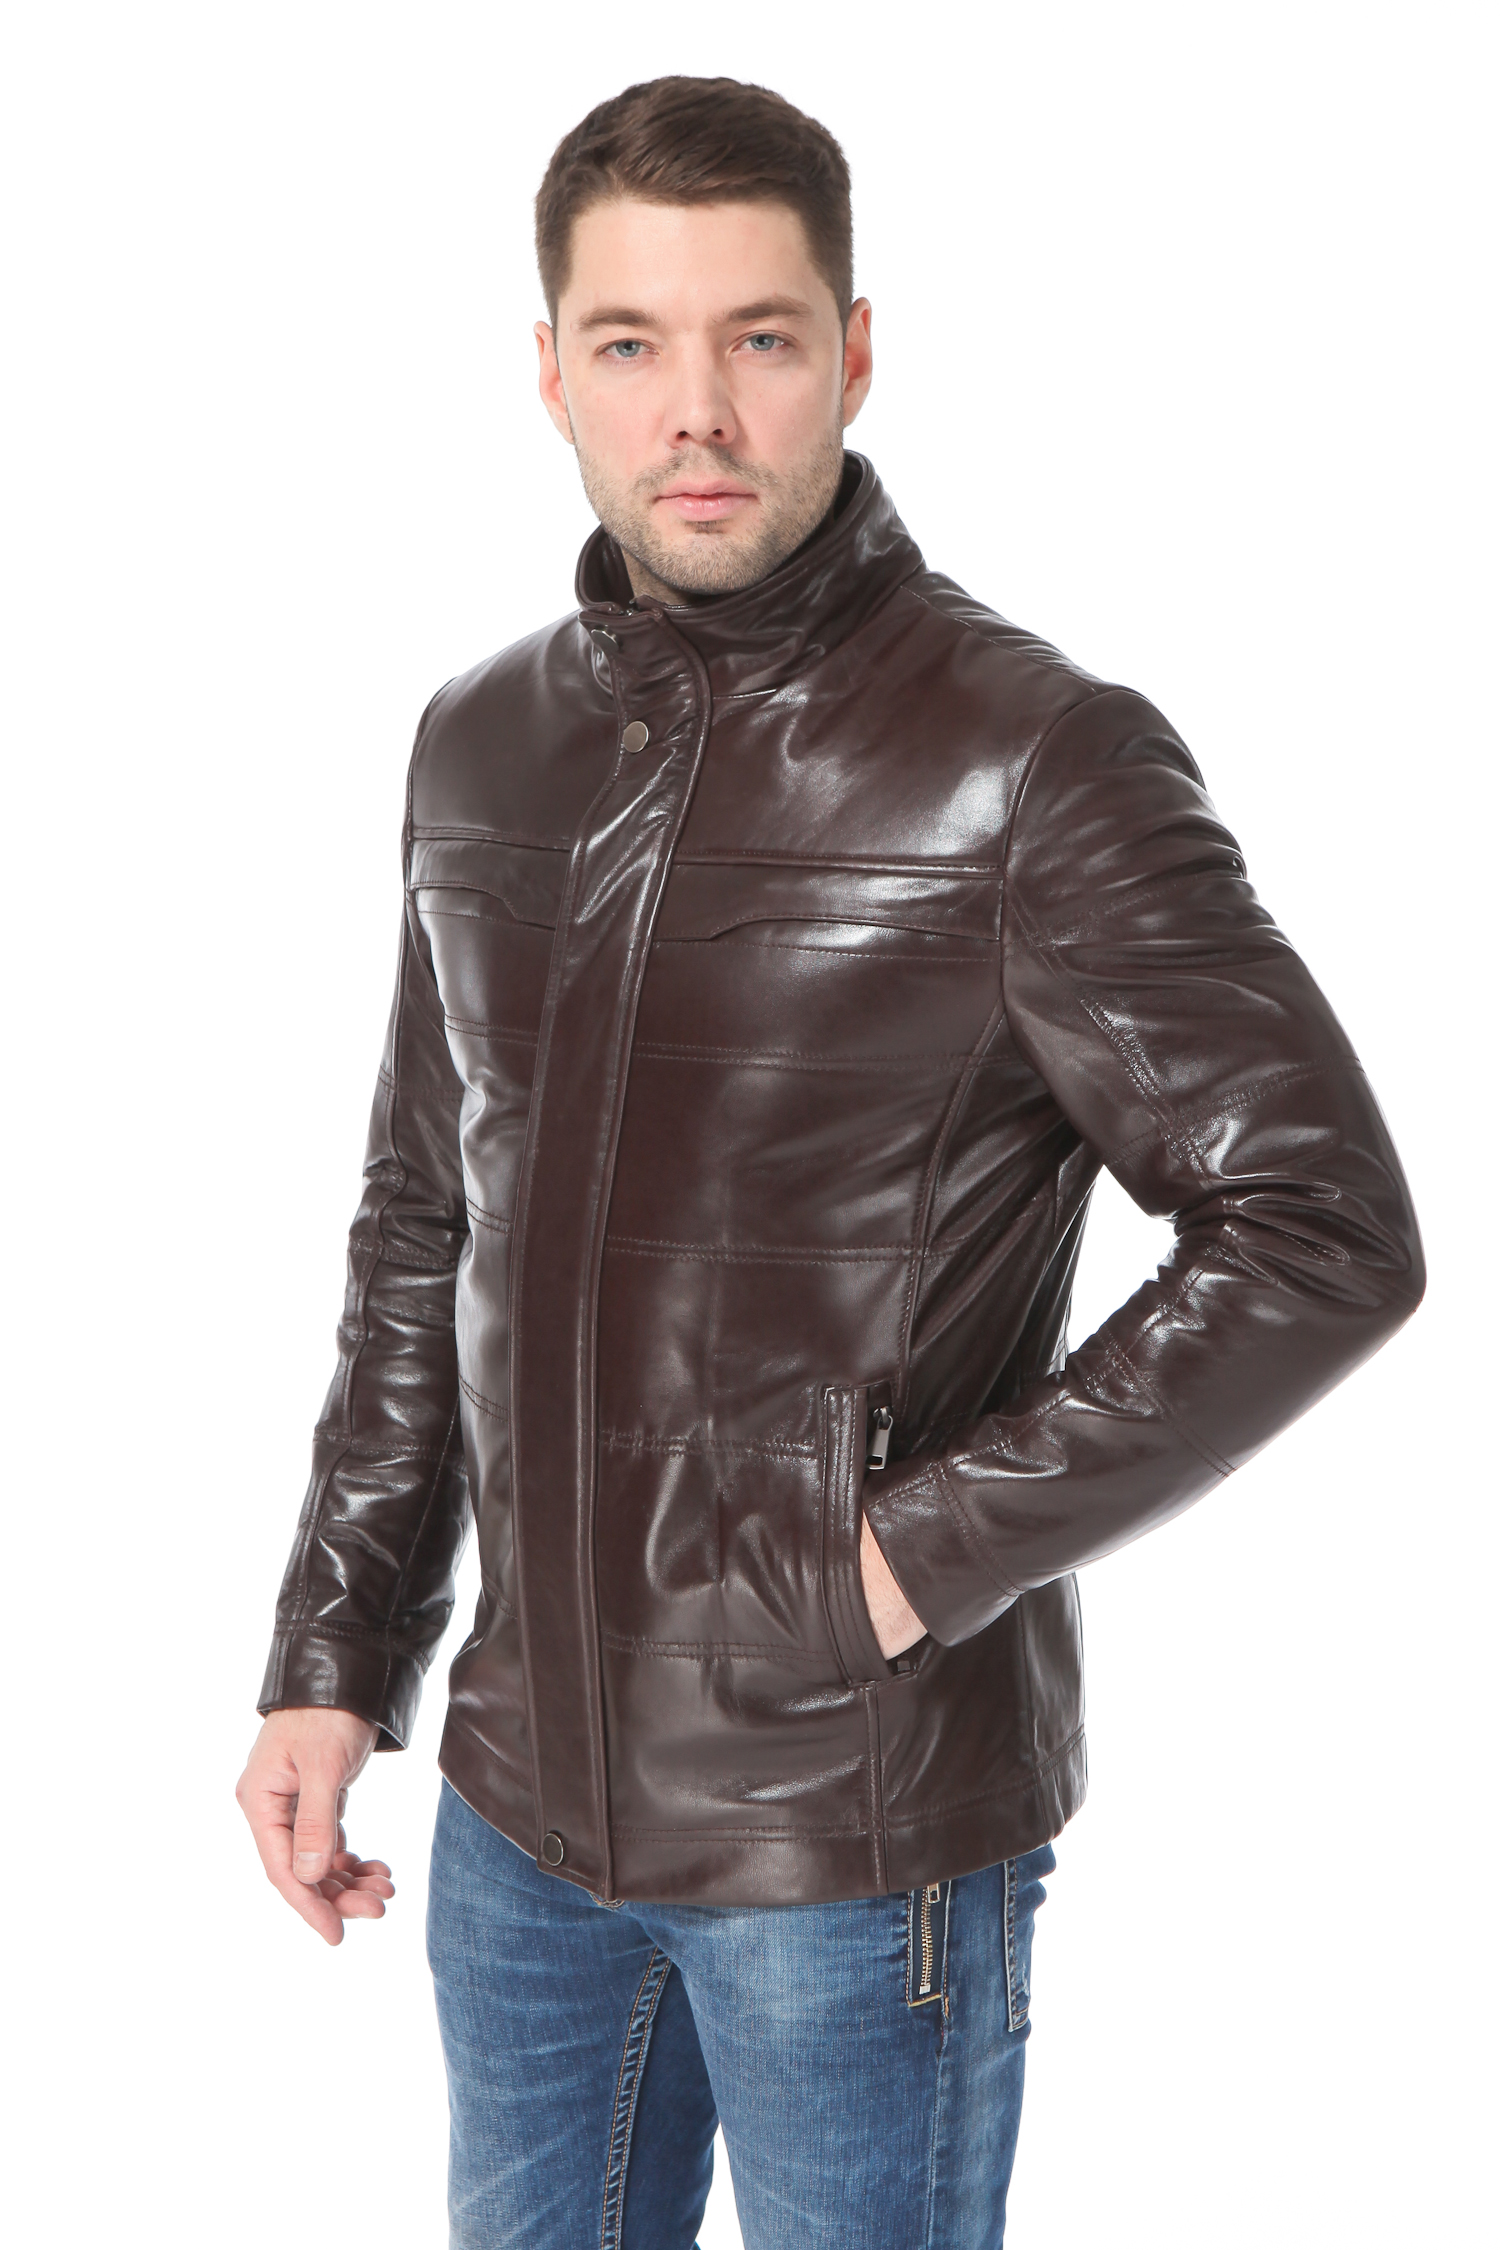 Мужская кожаная куртка из натуральной кожи утепленная<br><br>Воротник: стойка<br>Длина см: Короткая (51-74 )<br>Материал: Кожа овчина<br>Цвет: коричневый<br>Вид застежки: потайная<br>Застежка: на молнии<br>Пол: Мужской<br>Размер RU: 52